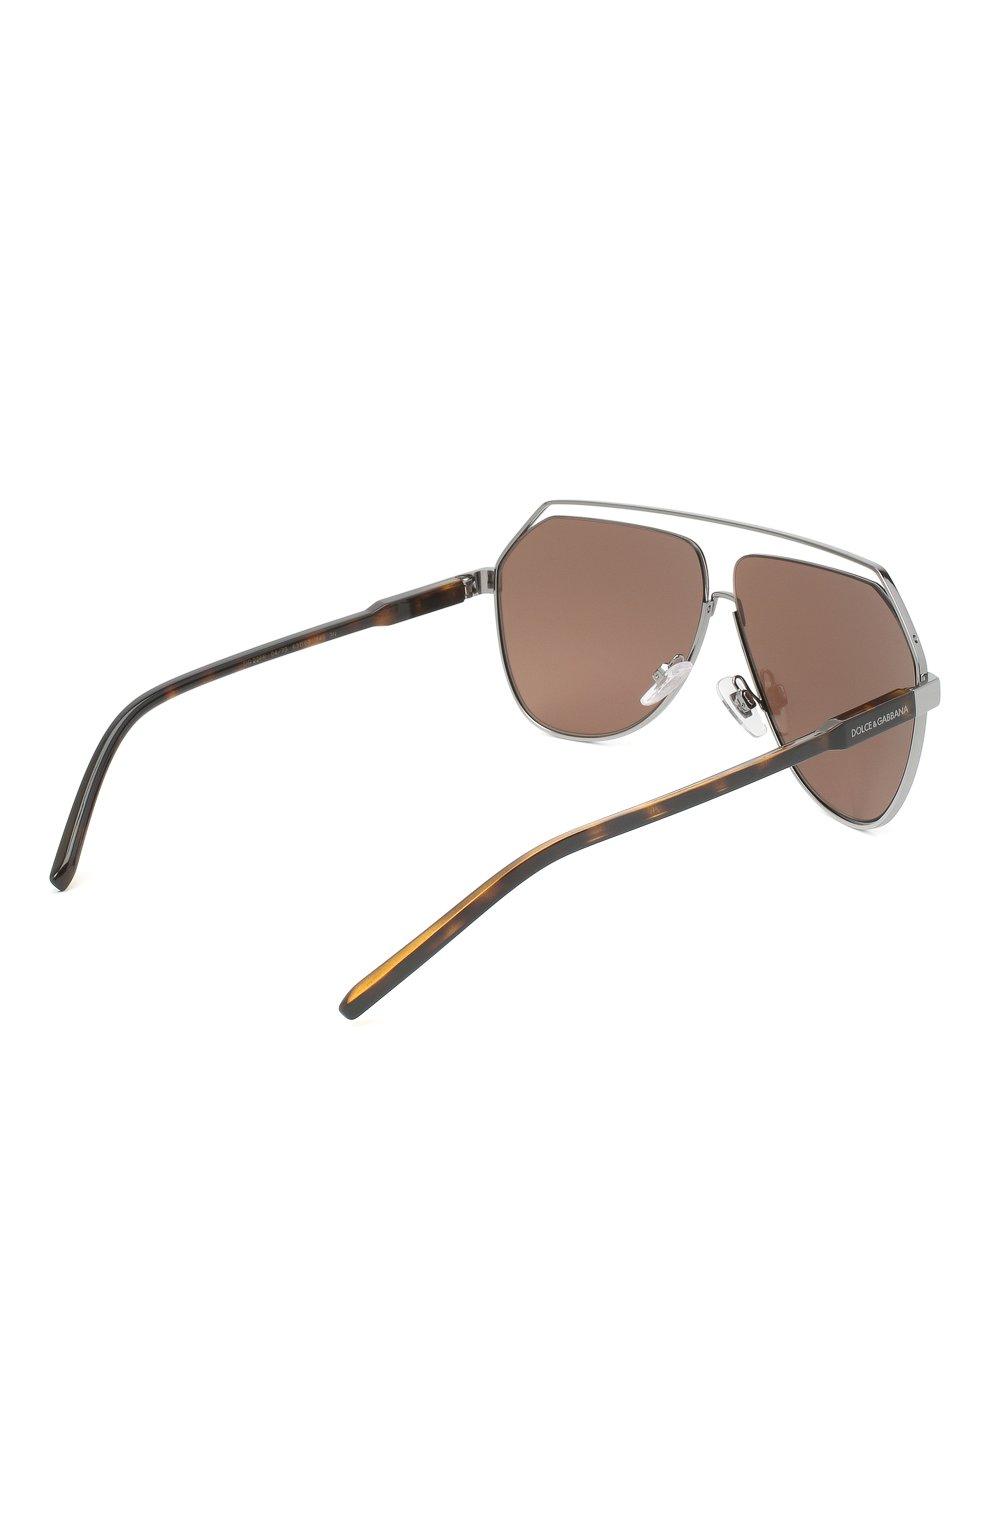 Мужские солнцезащитные очки DOLCE & GABBANA коричневого цвета, арт. 2266-04/73 | Фото 4